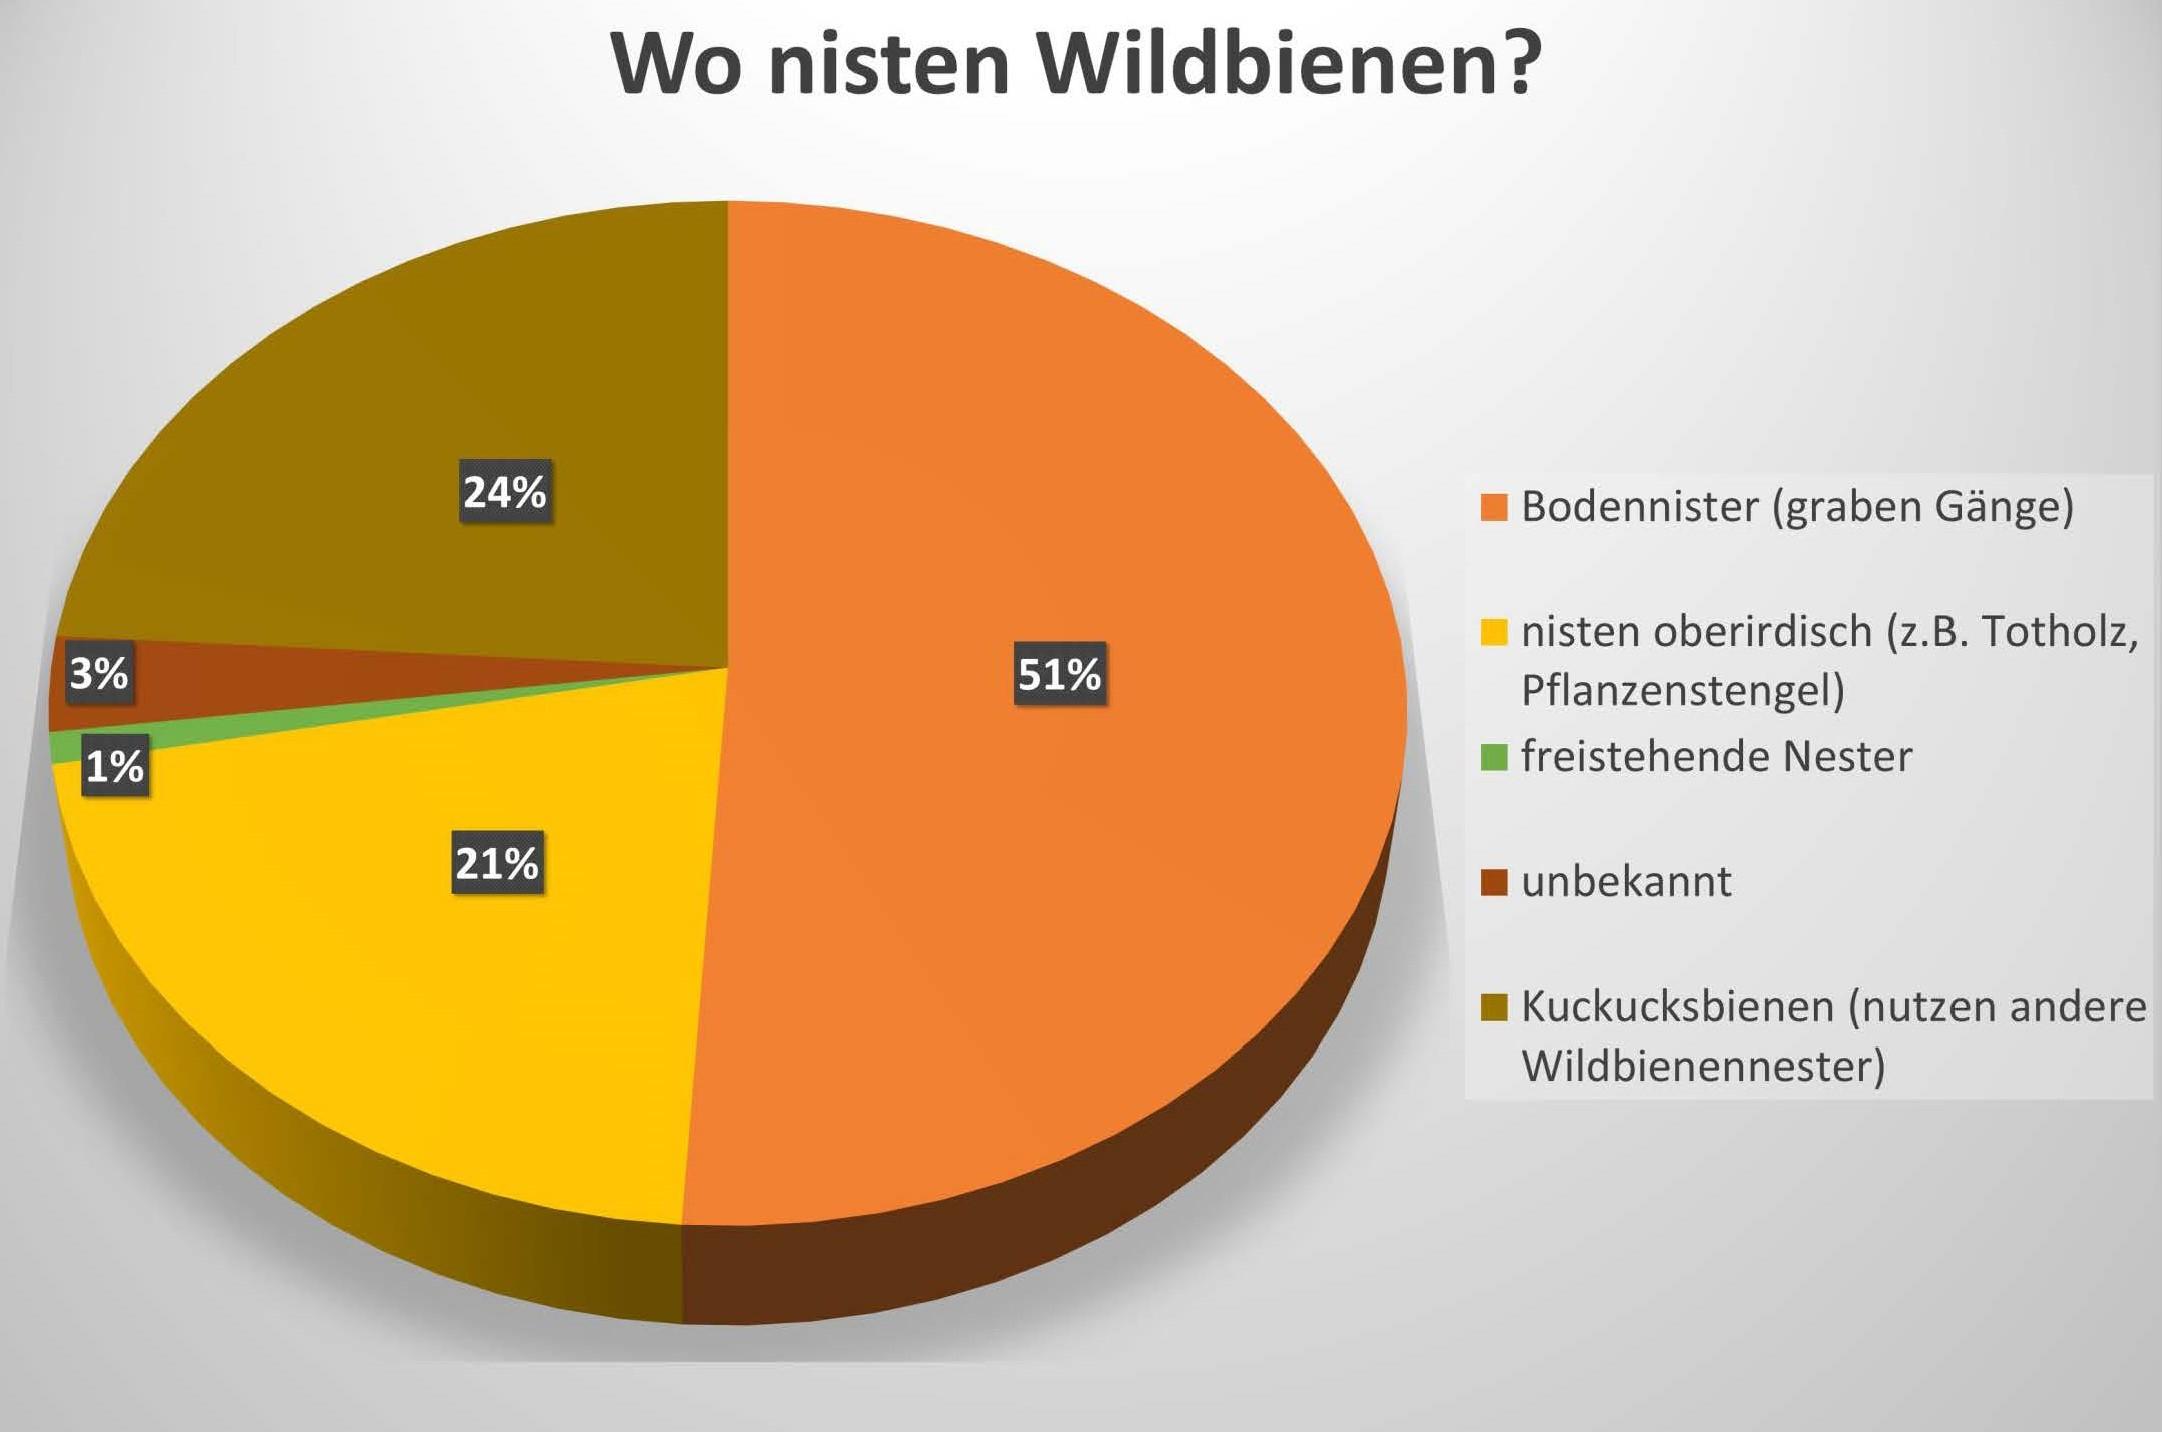 eigene Grafik - Datenquelle [https://www.lfl.bayern.de/iab/kulturlandschaft]/169269/index.php